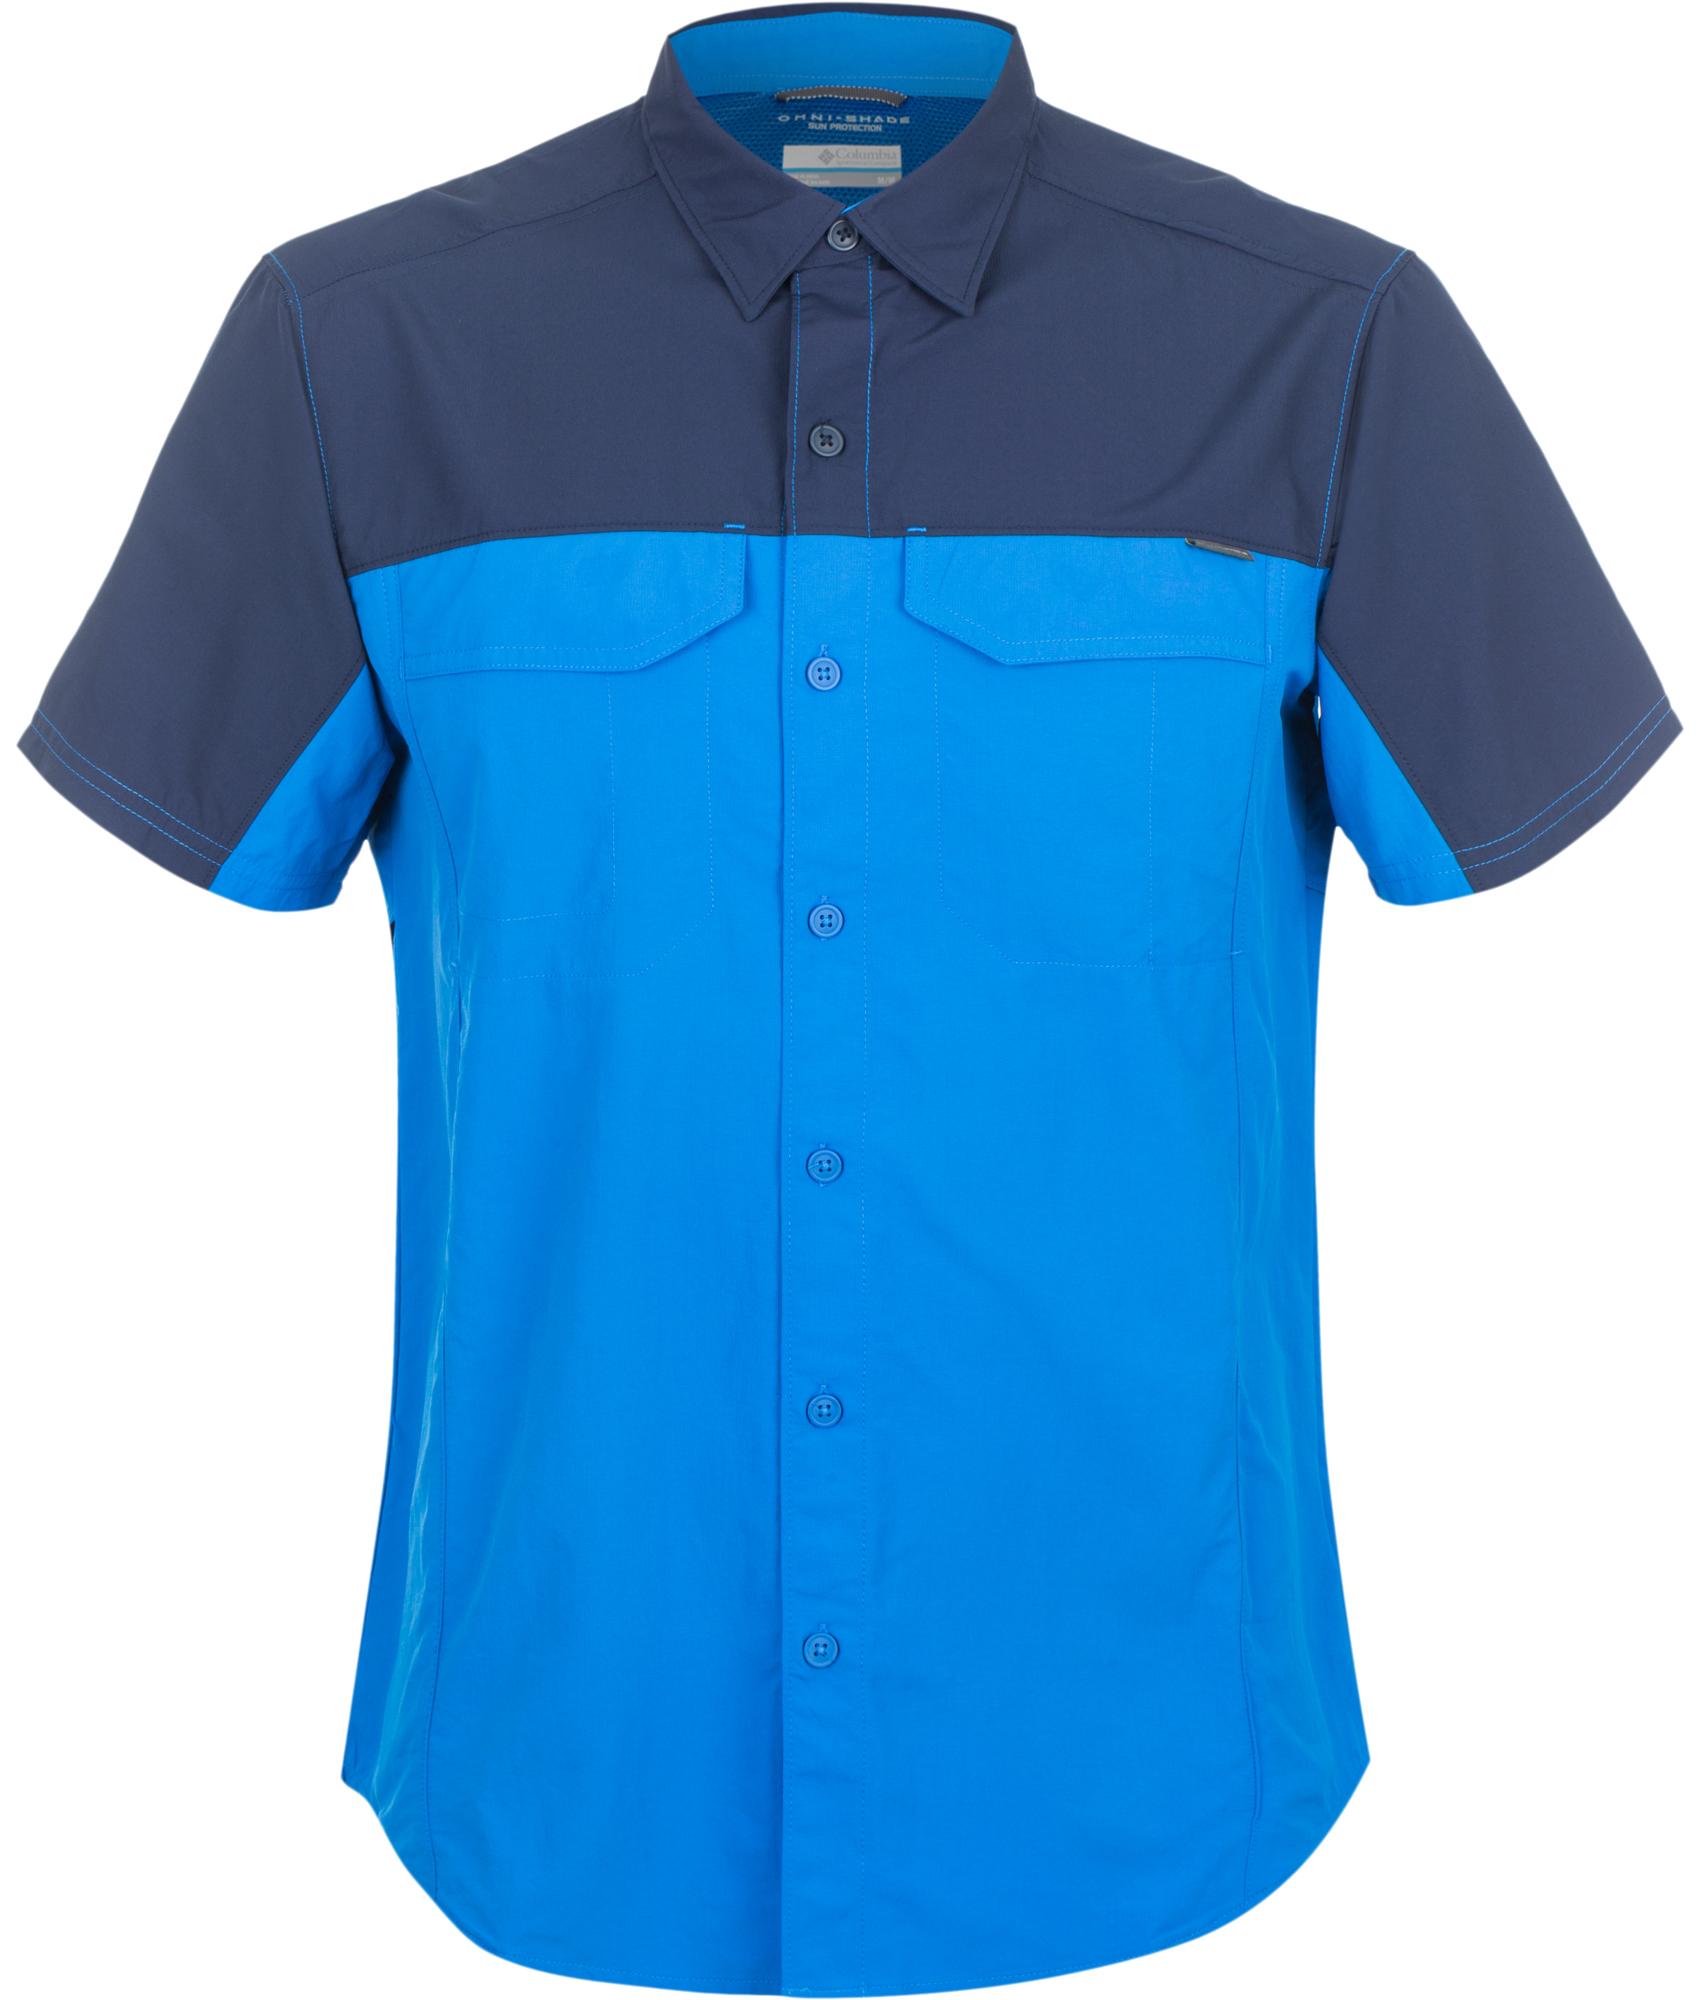 цена на Columbia Рубашка мужская Columbia Silver Ridge Blocked, размер 48-50